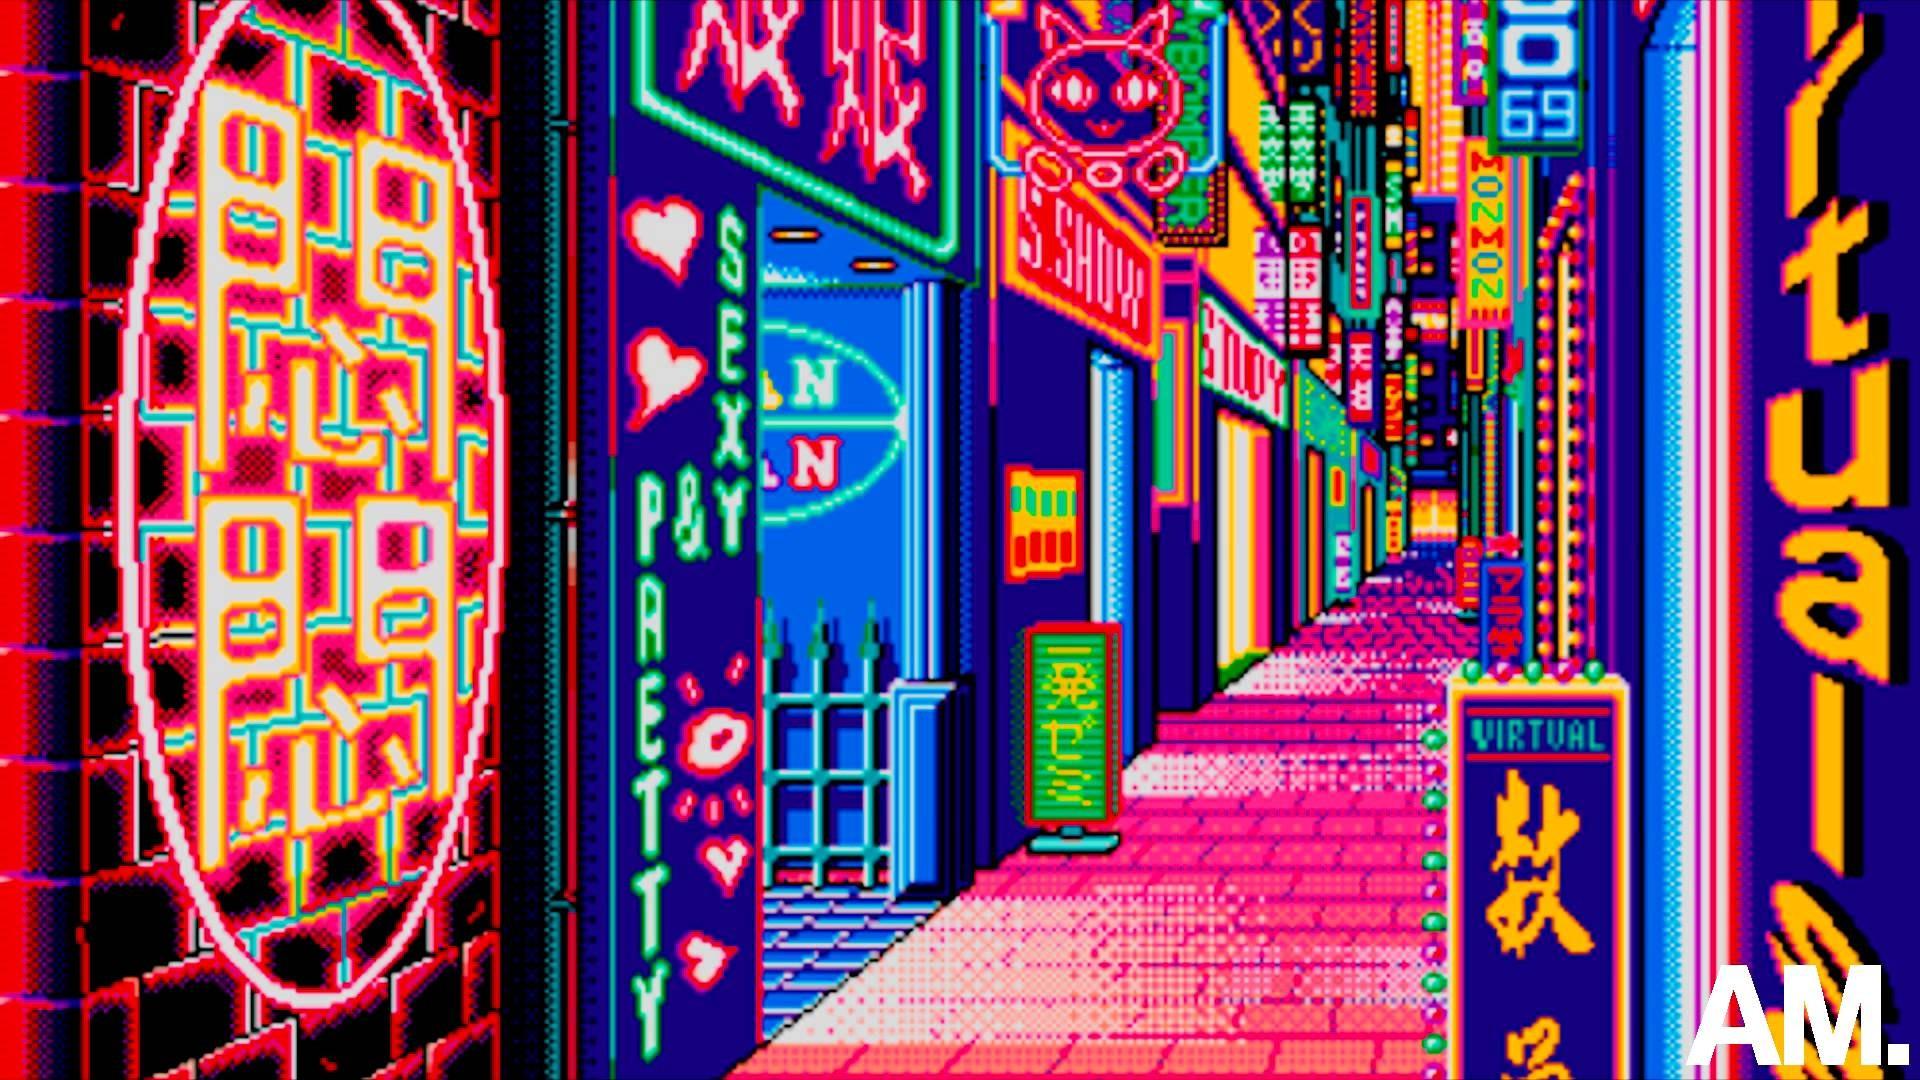 Xiaomi Laptop Wallpaper: Vaporwave Background ·① Download Free Stunning High